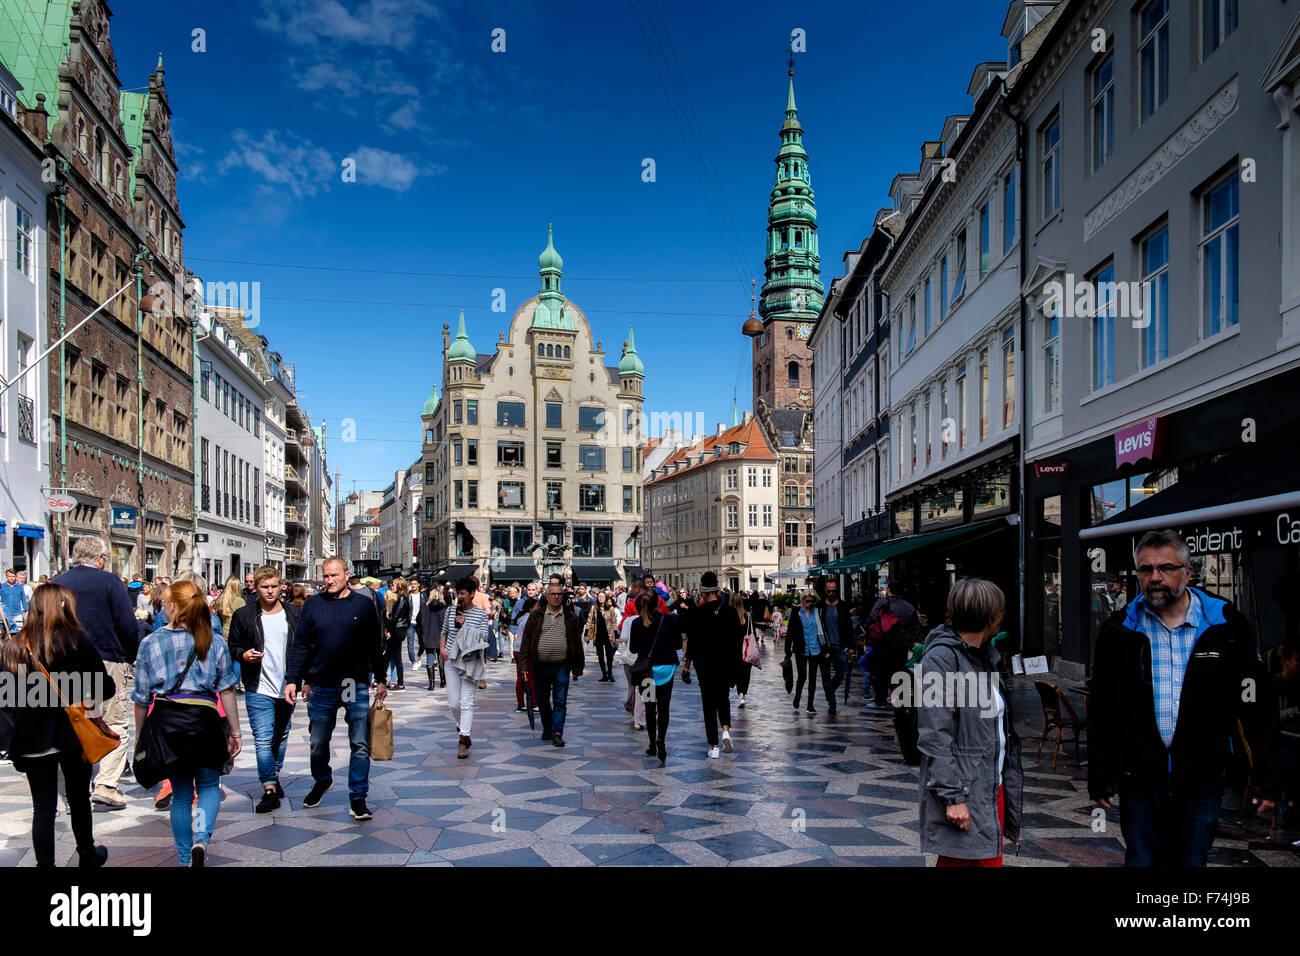 Amagertorv in Copenhagen, Denmark - Stock Image